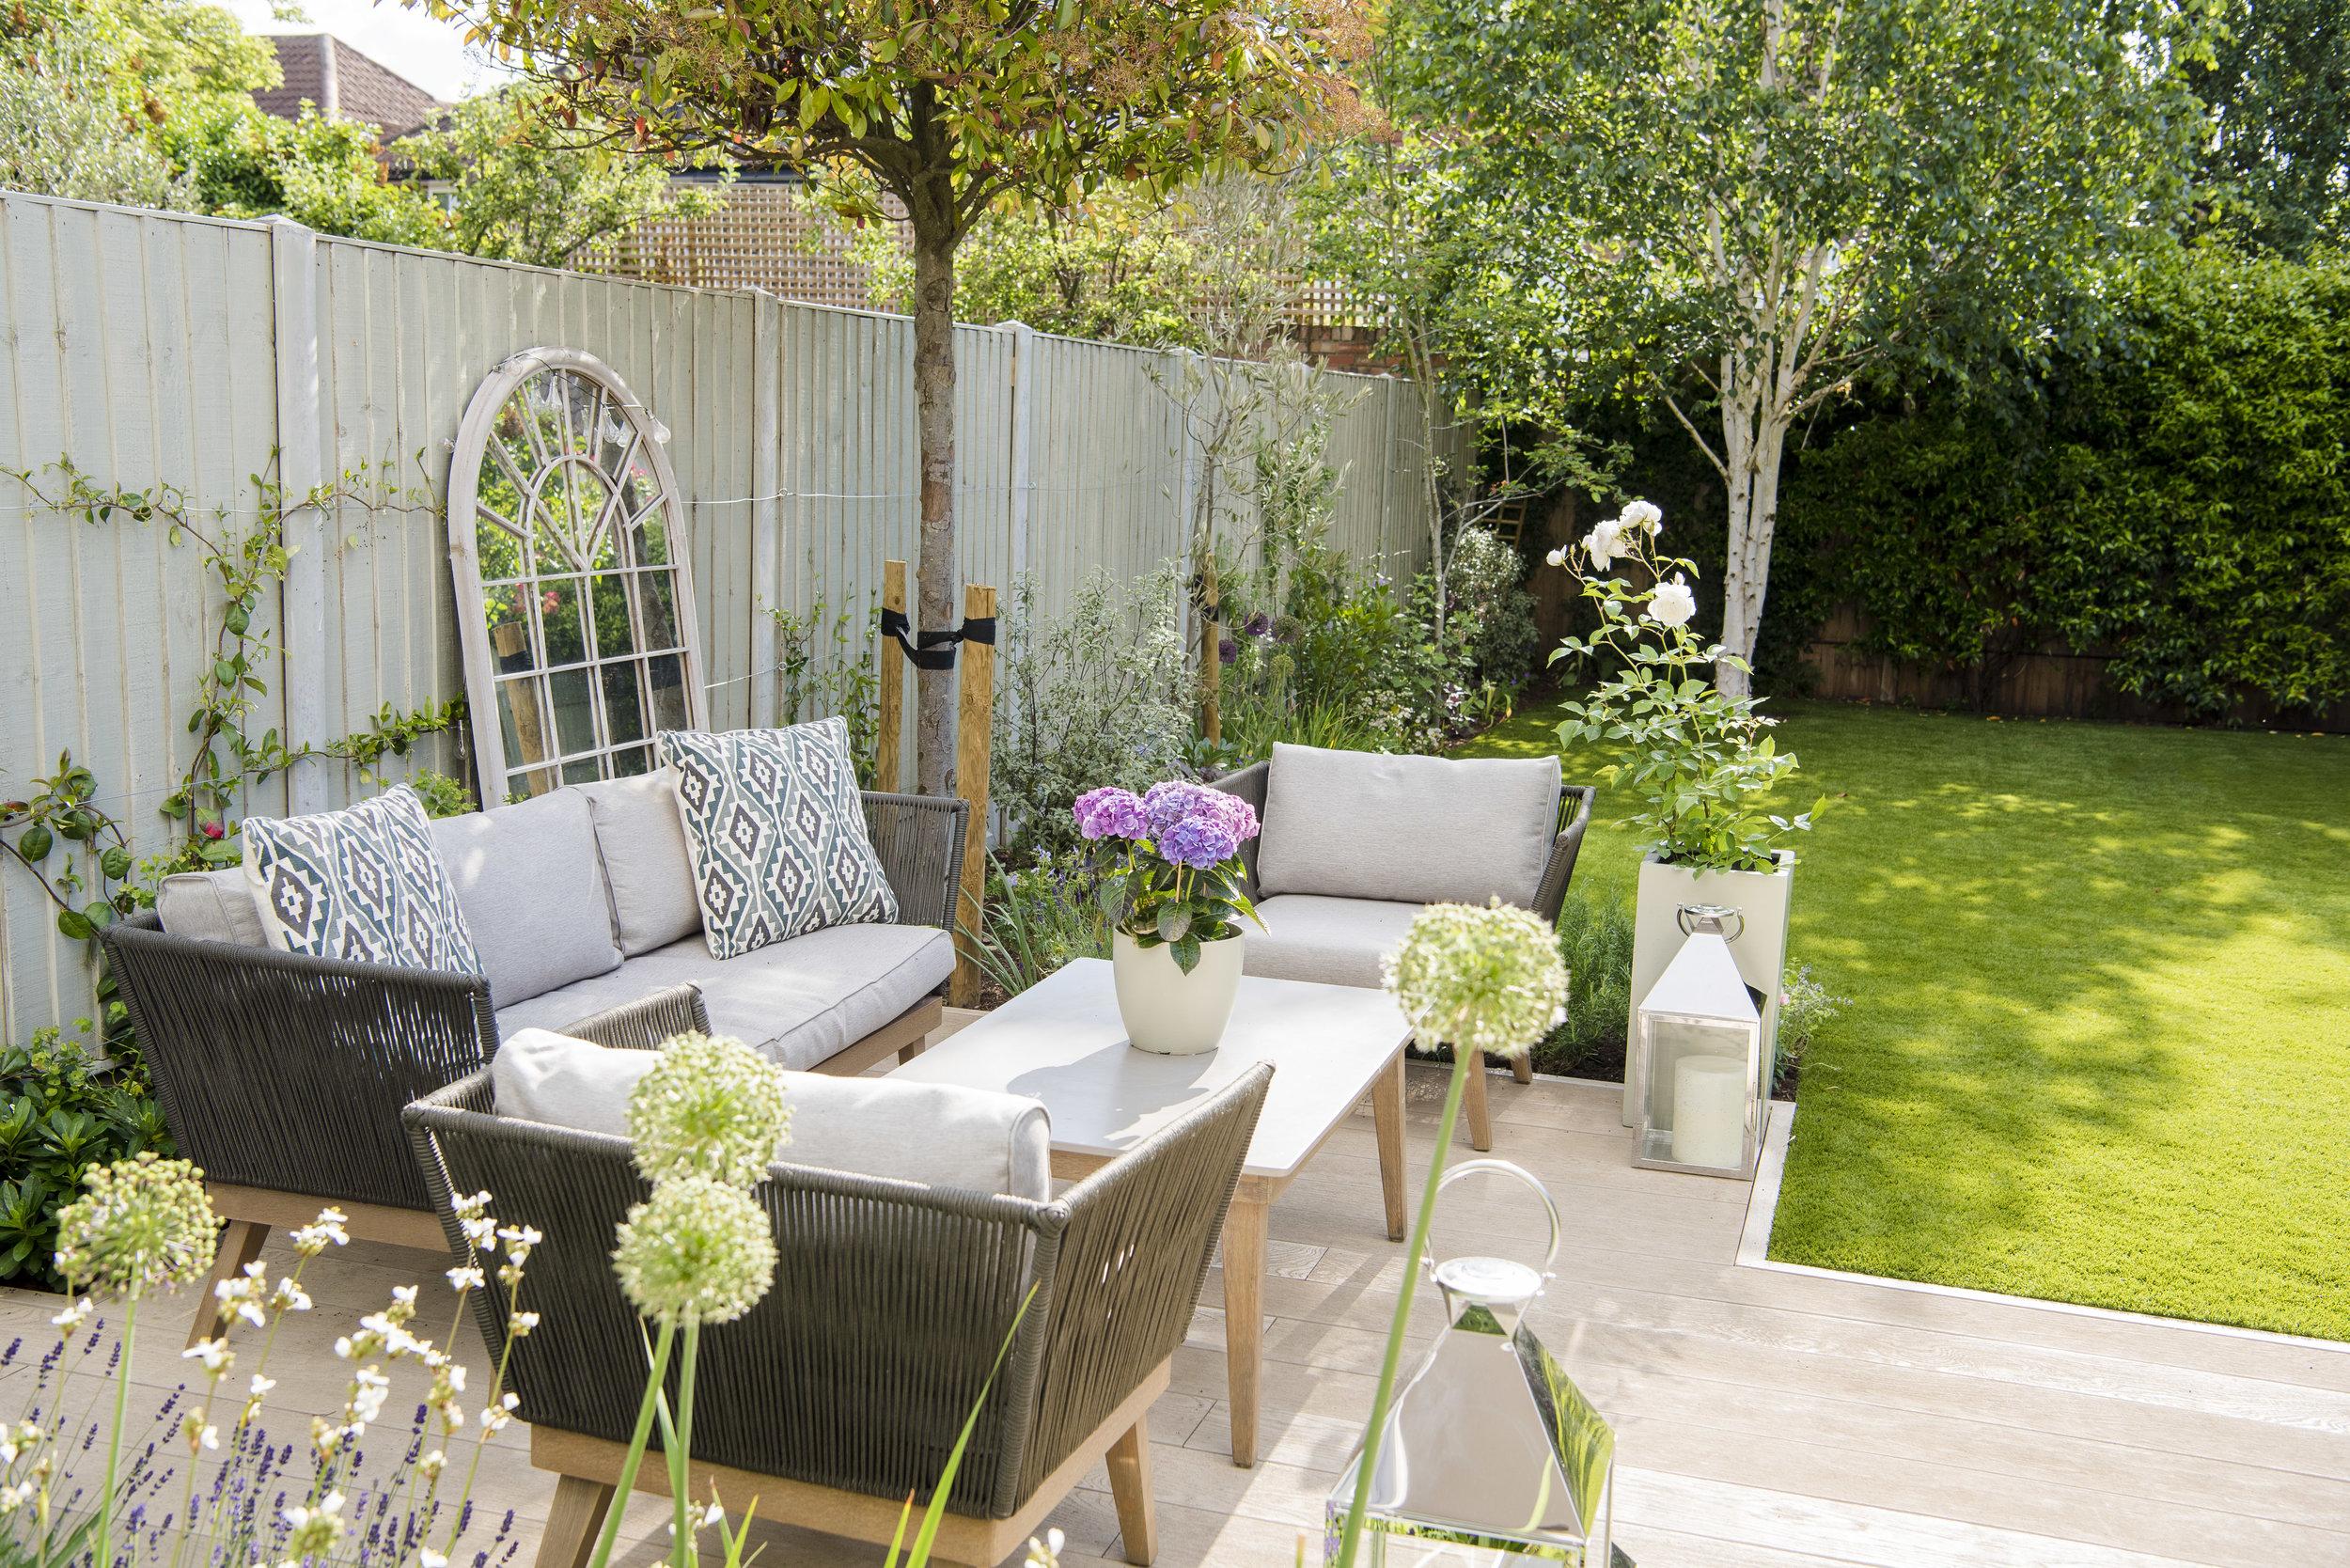 Joanna_Archer_Garden_Design_sun_terrace6.jpg